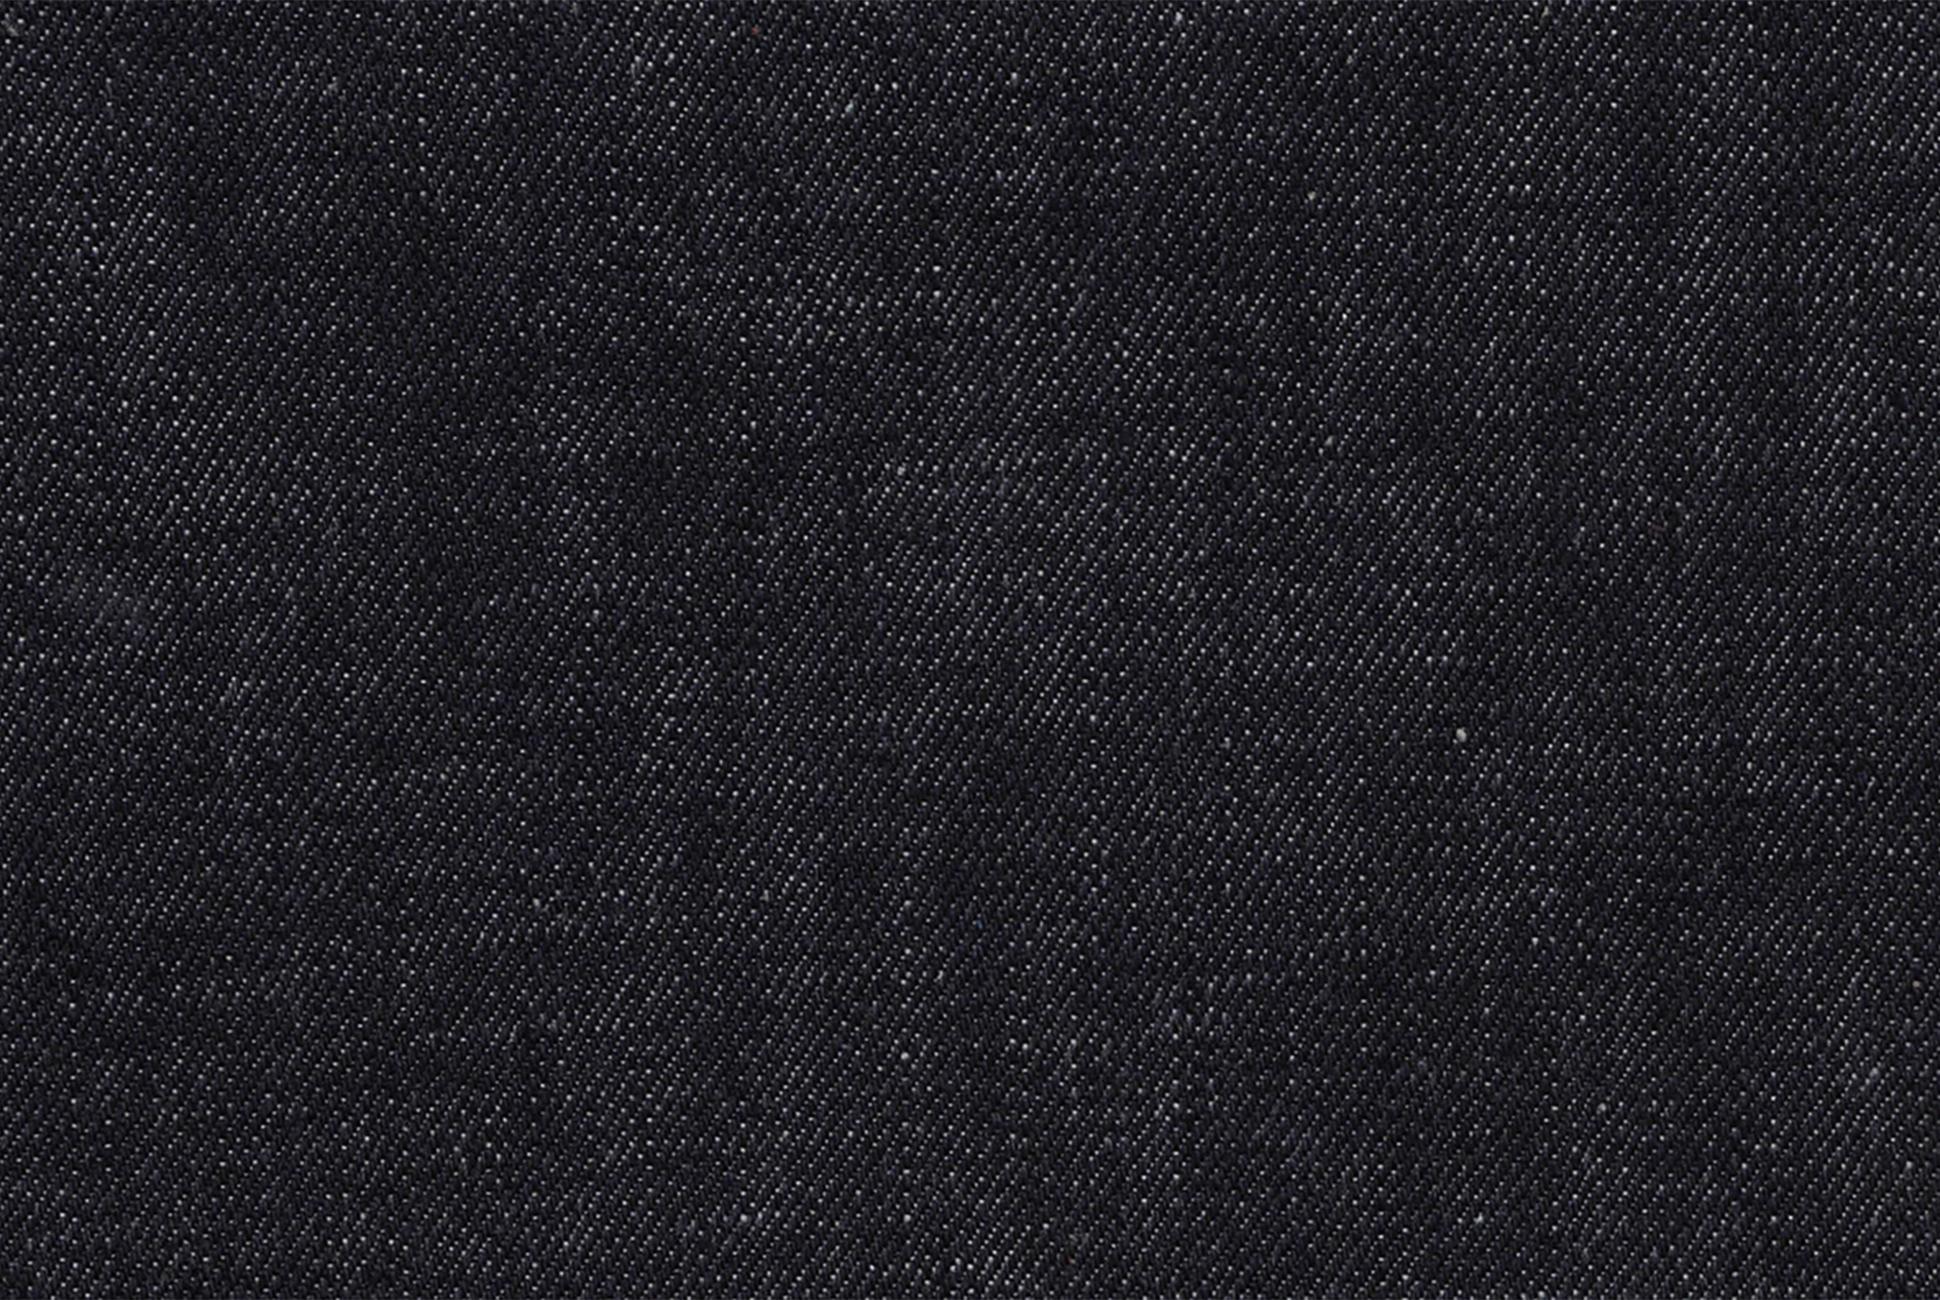 Black jeans texture photo